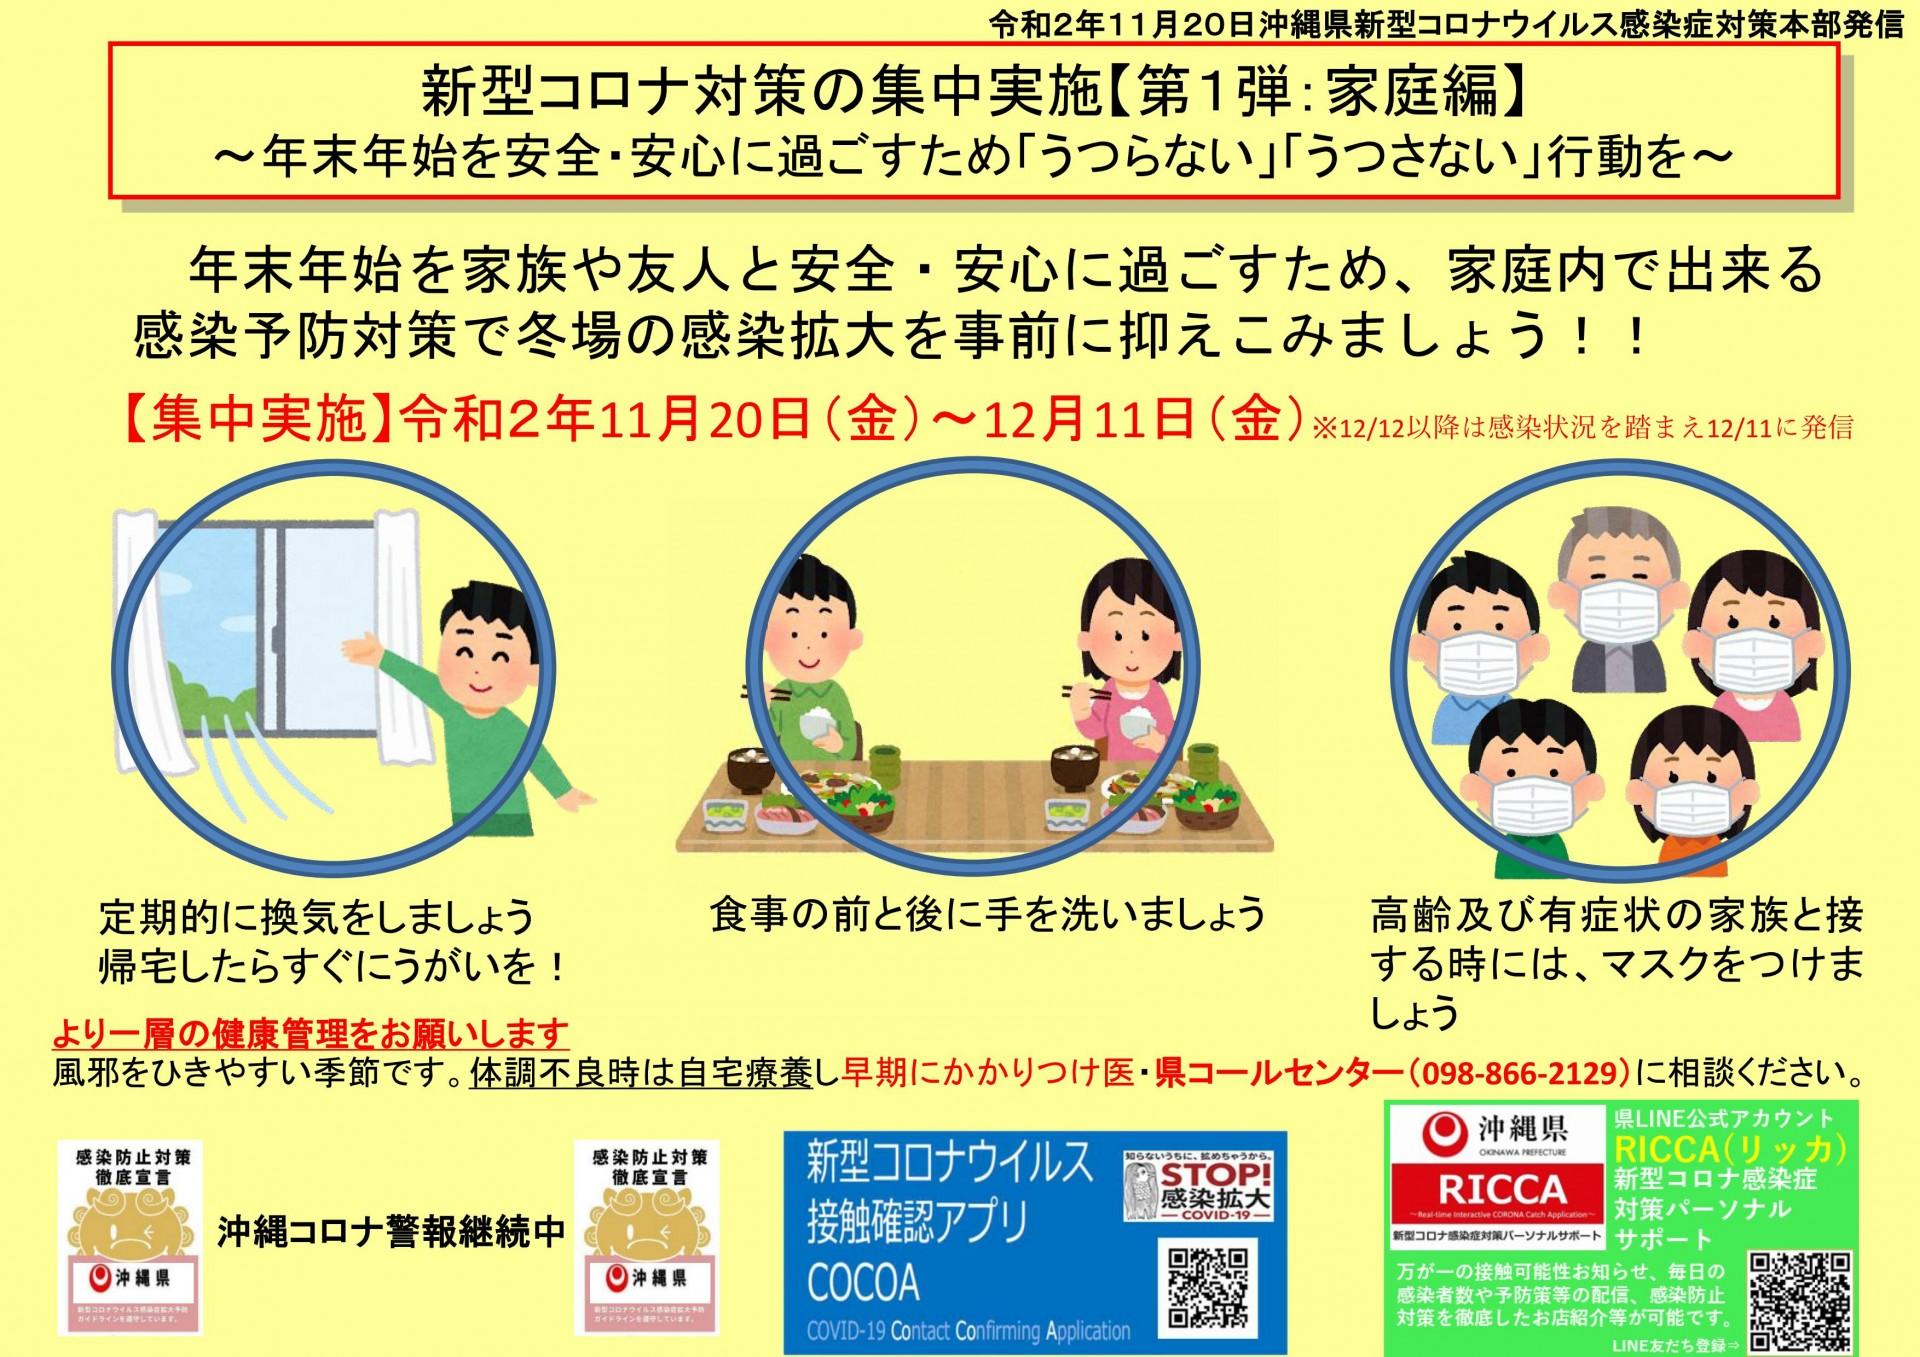 沖縄 新型 コロナ 者 ウイルス 感染